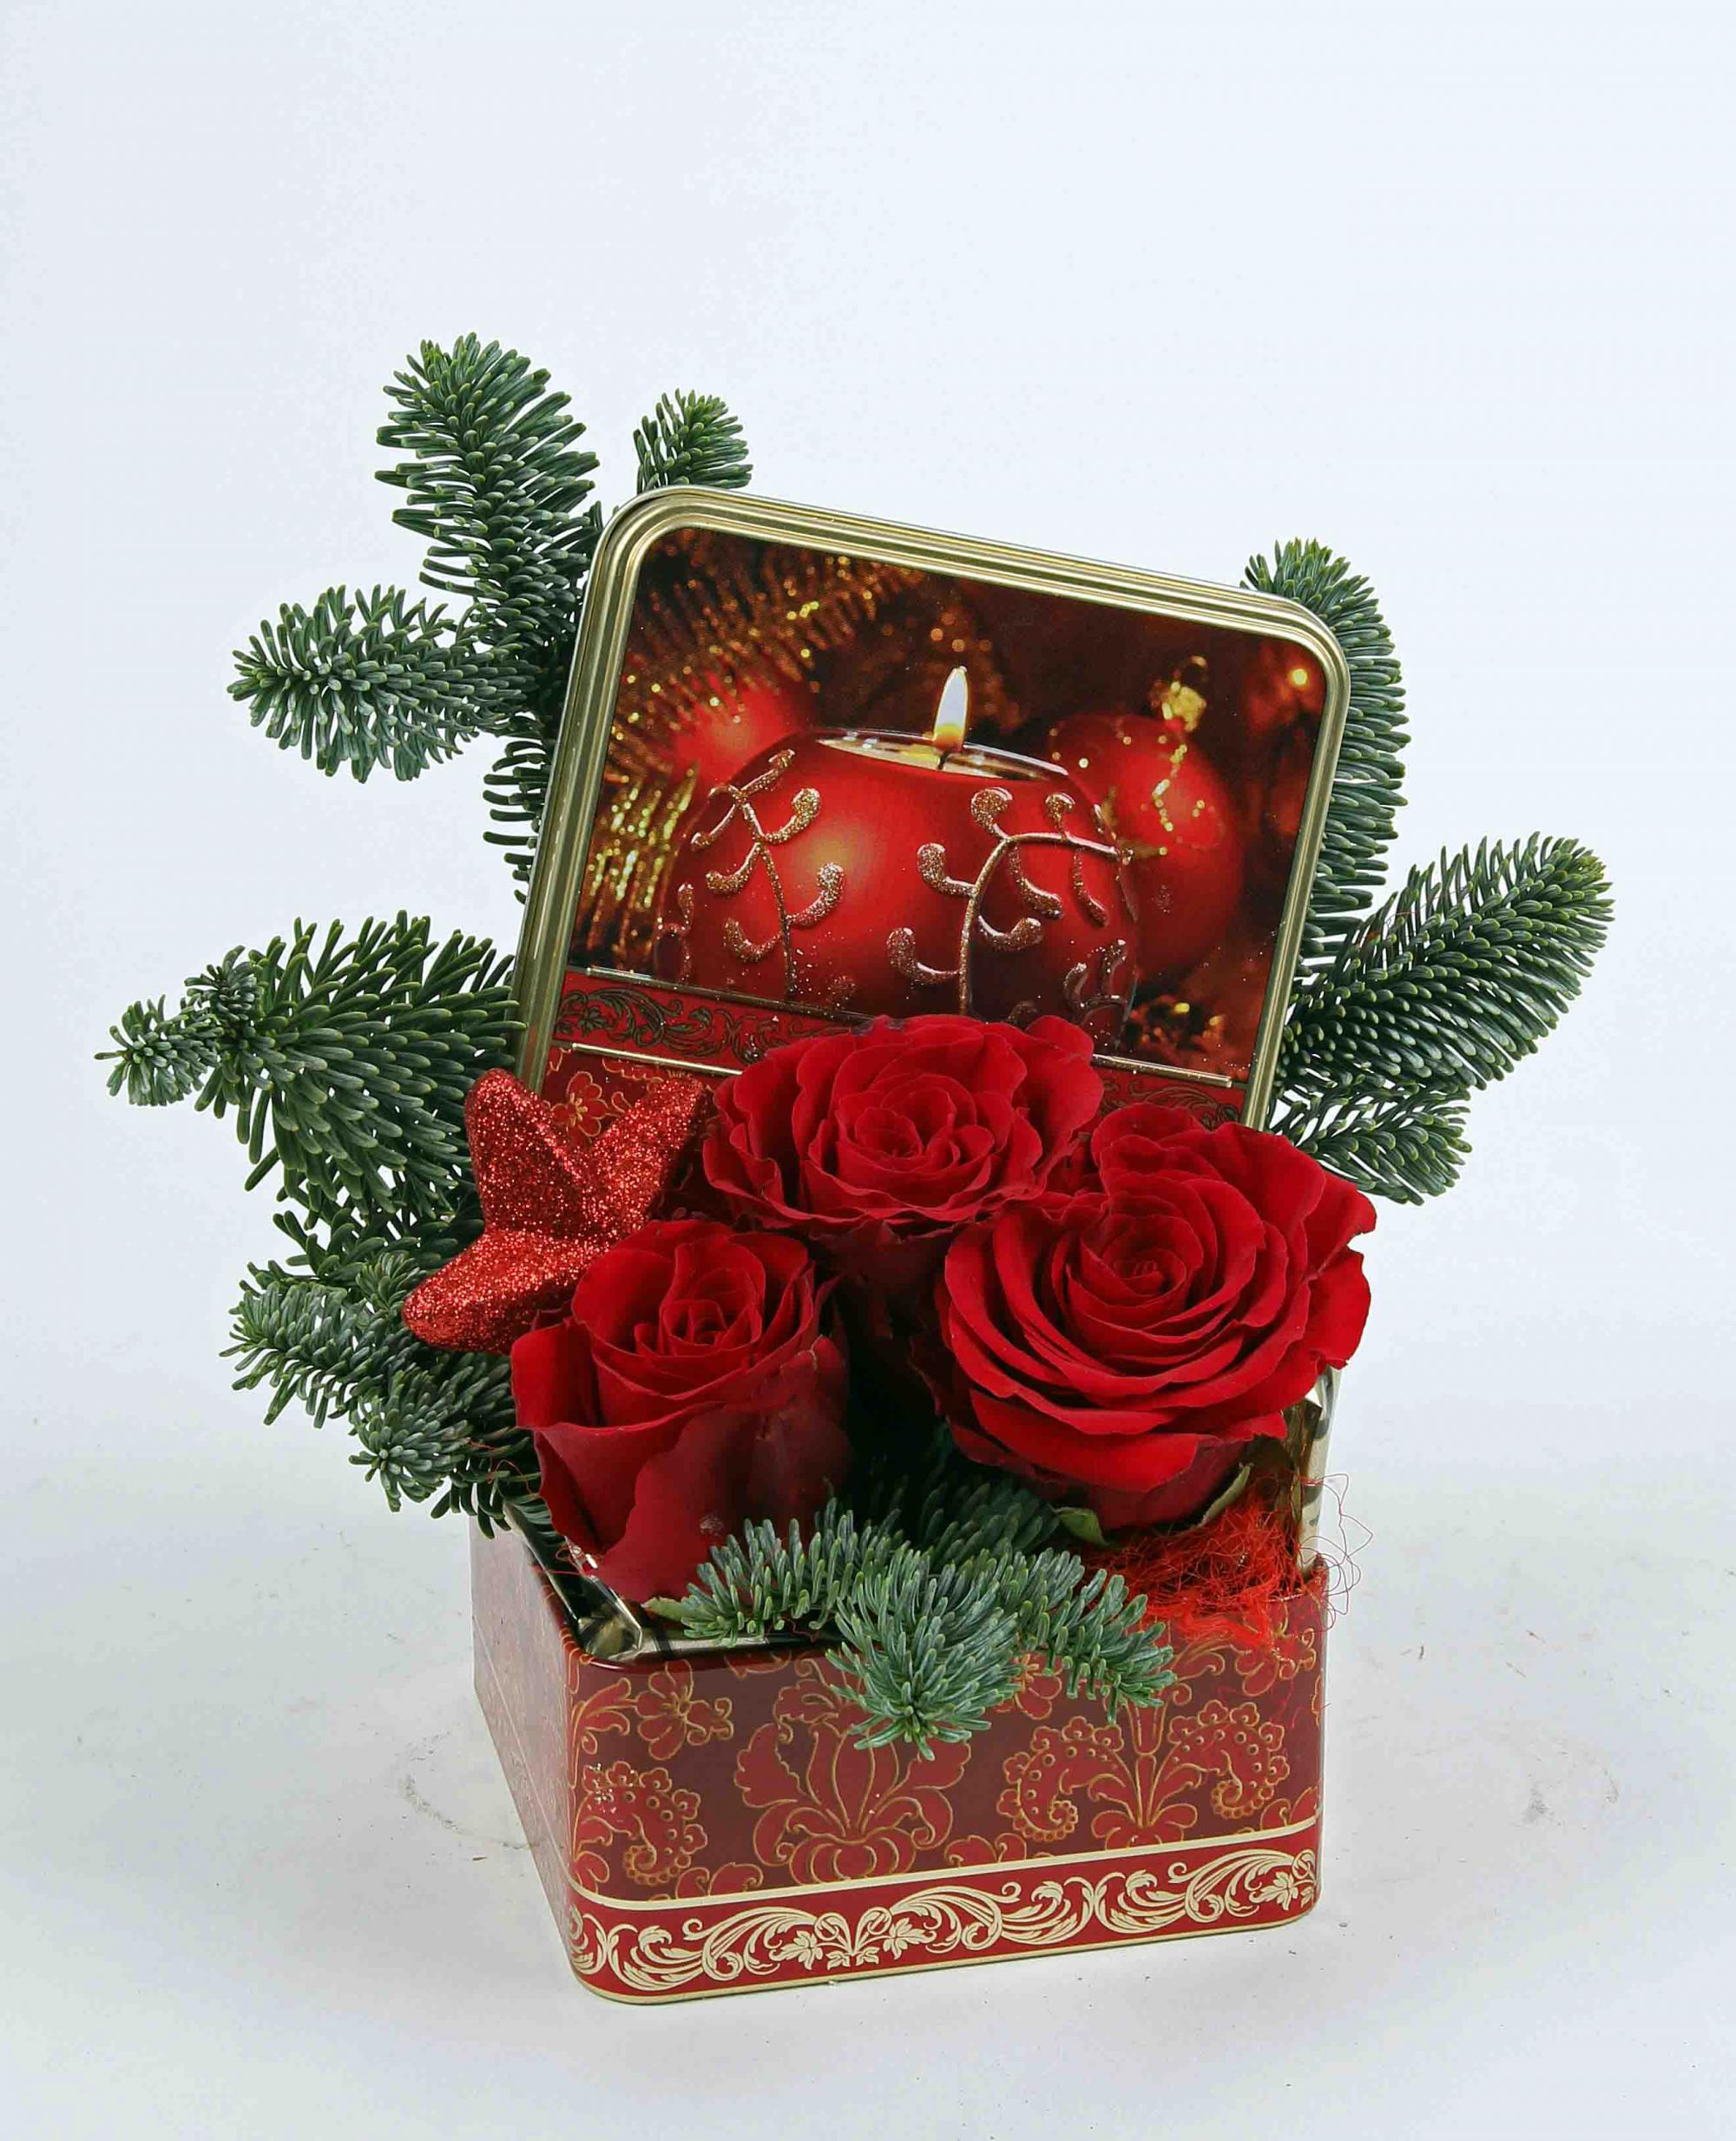 Kerst blik met 3 rozen